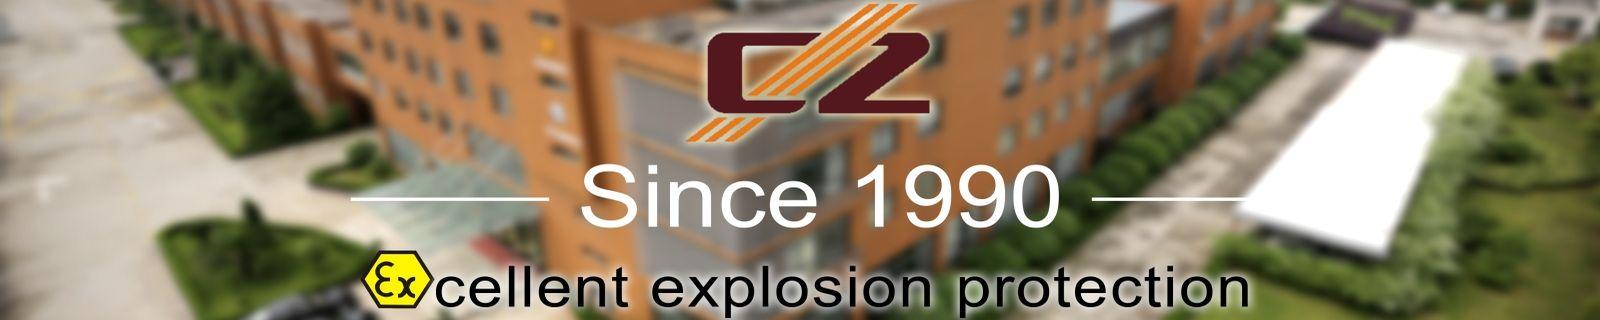 CZ - EX